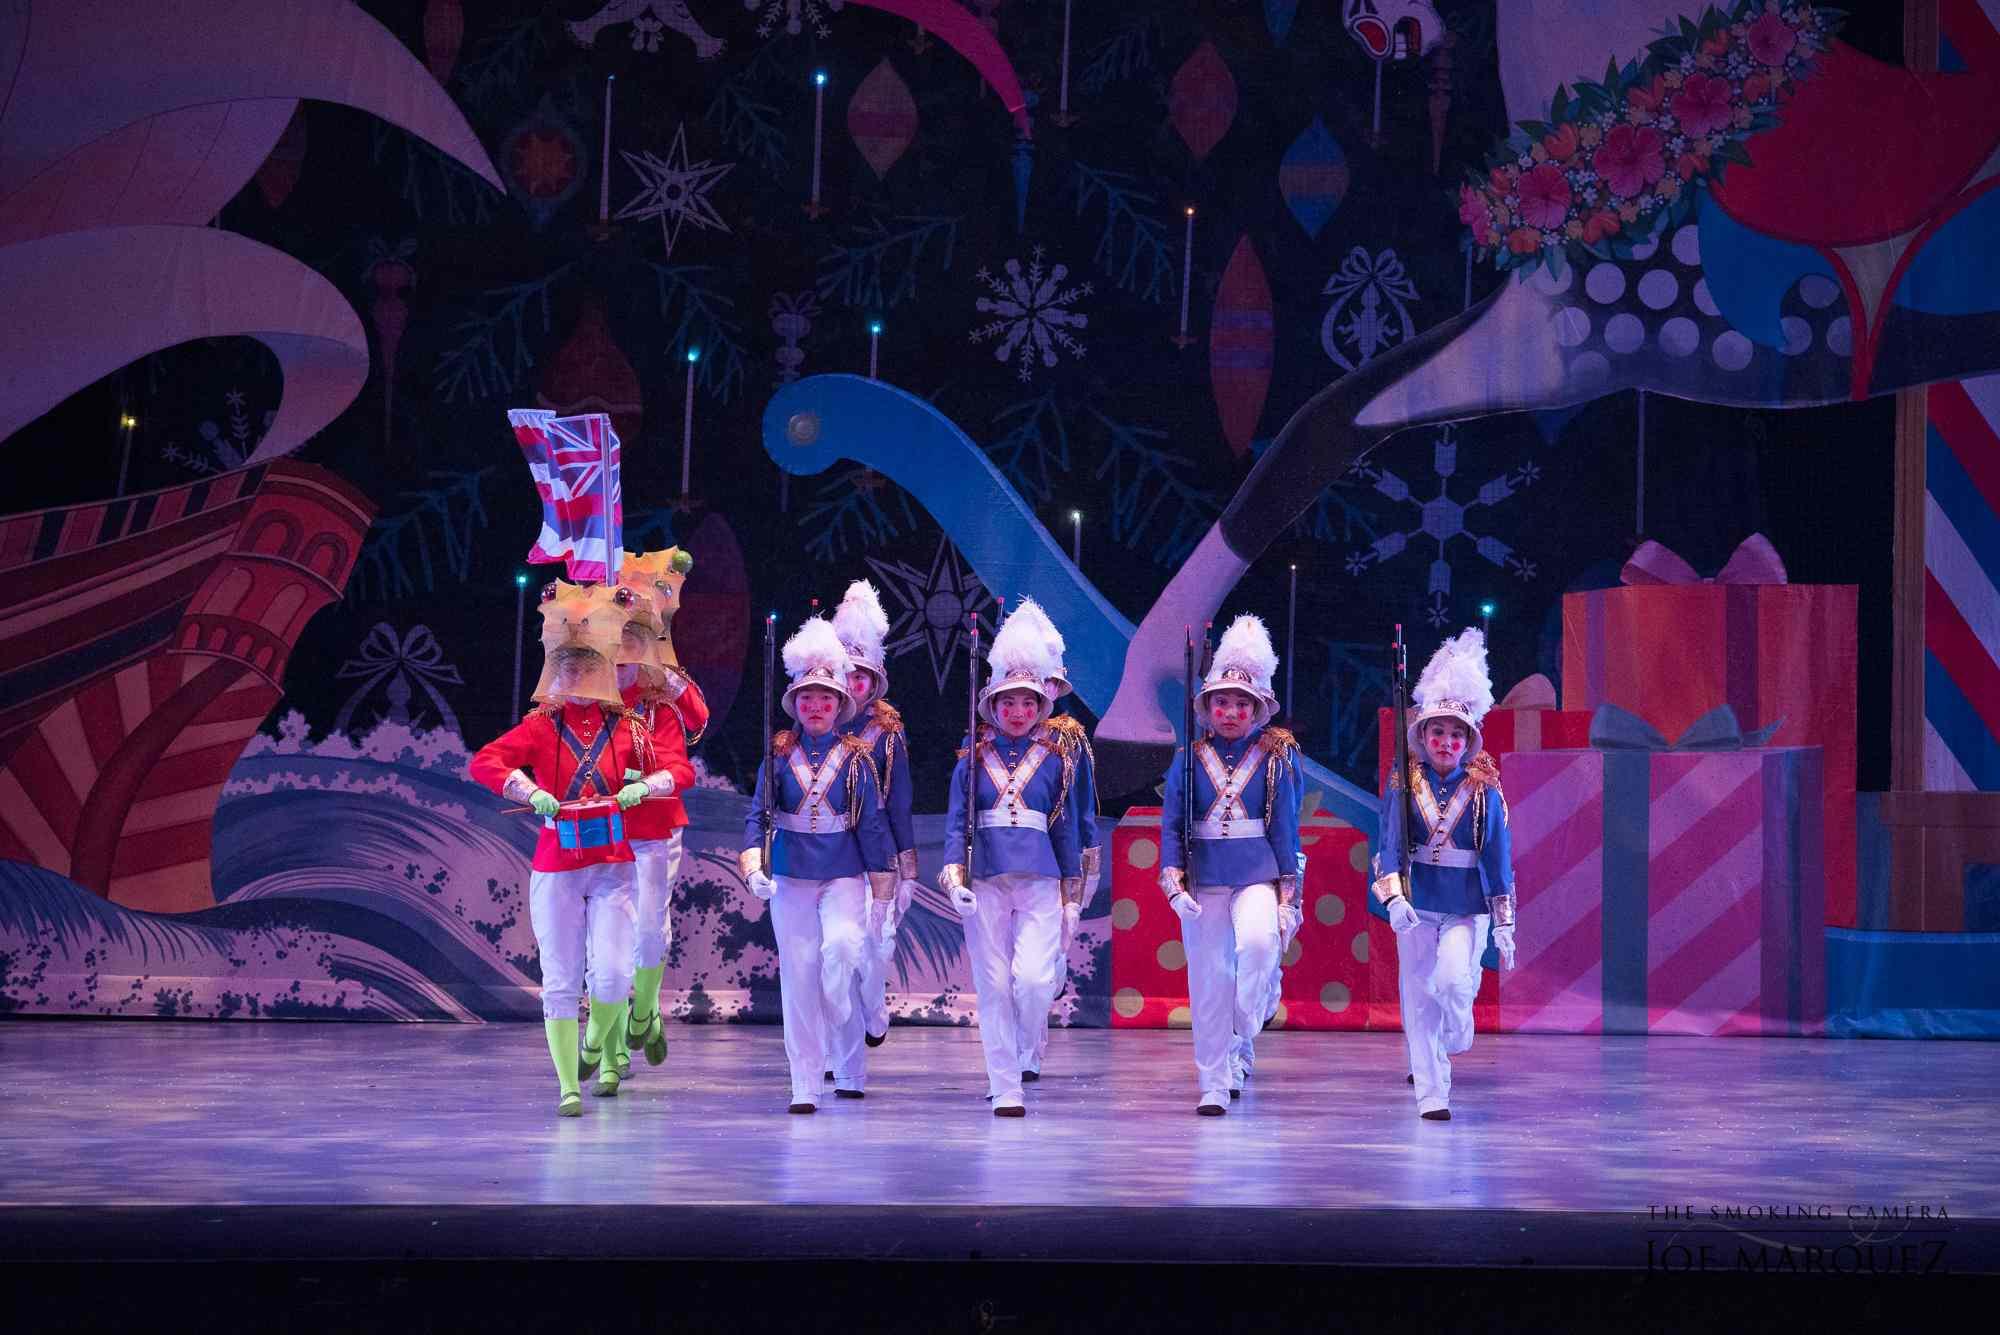 The Nutcrakcer performed by Ballet Hawaii